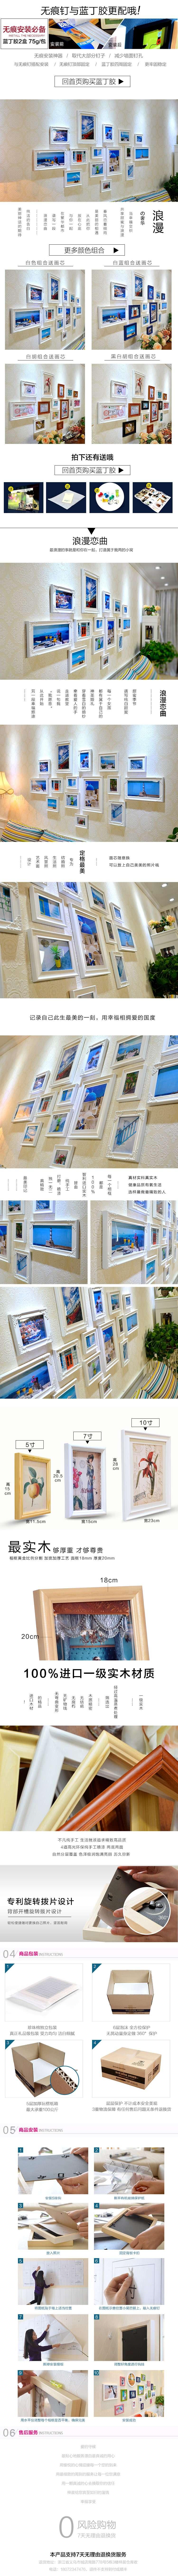 梓晨照片墙专场欧式黑白胡角花设计灵感照片墙组合tm